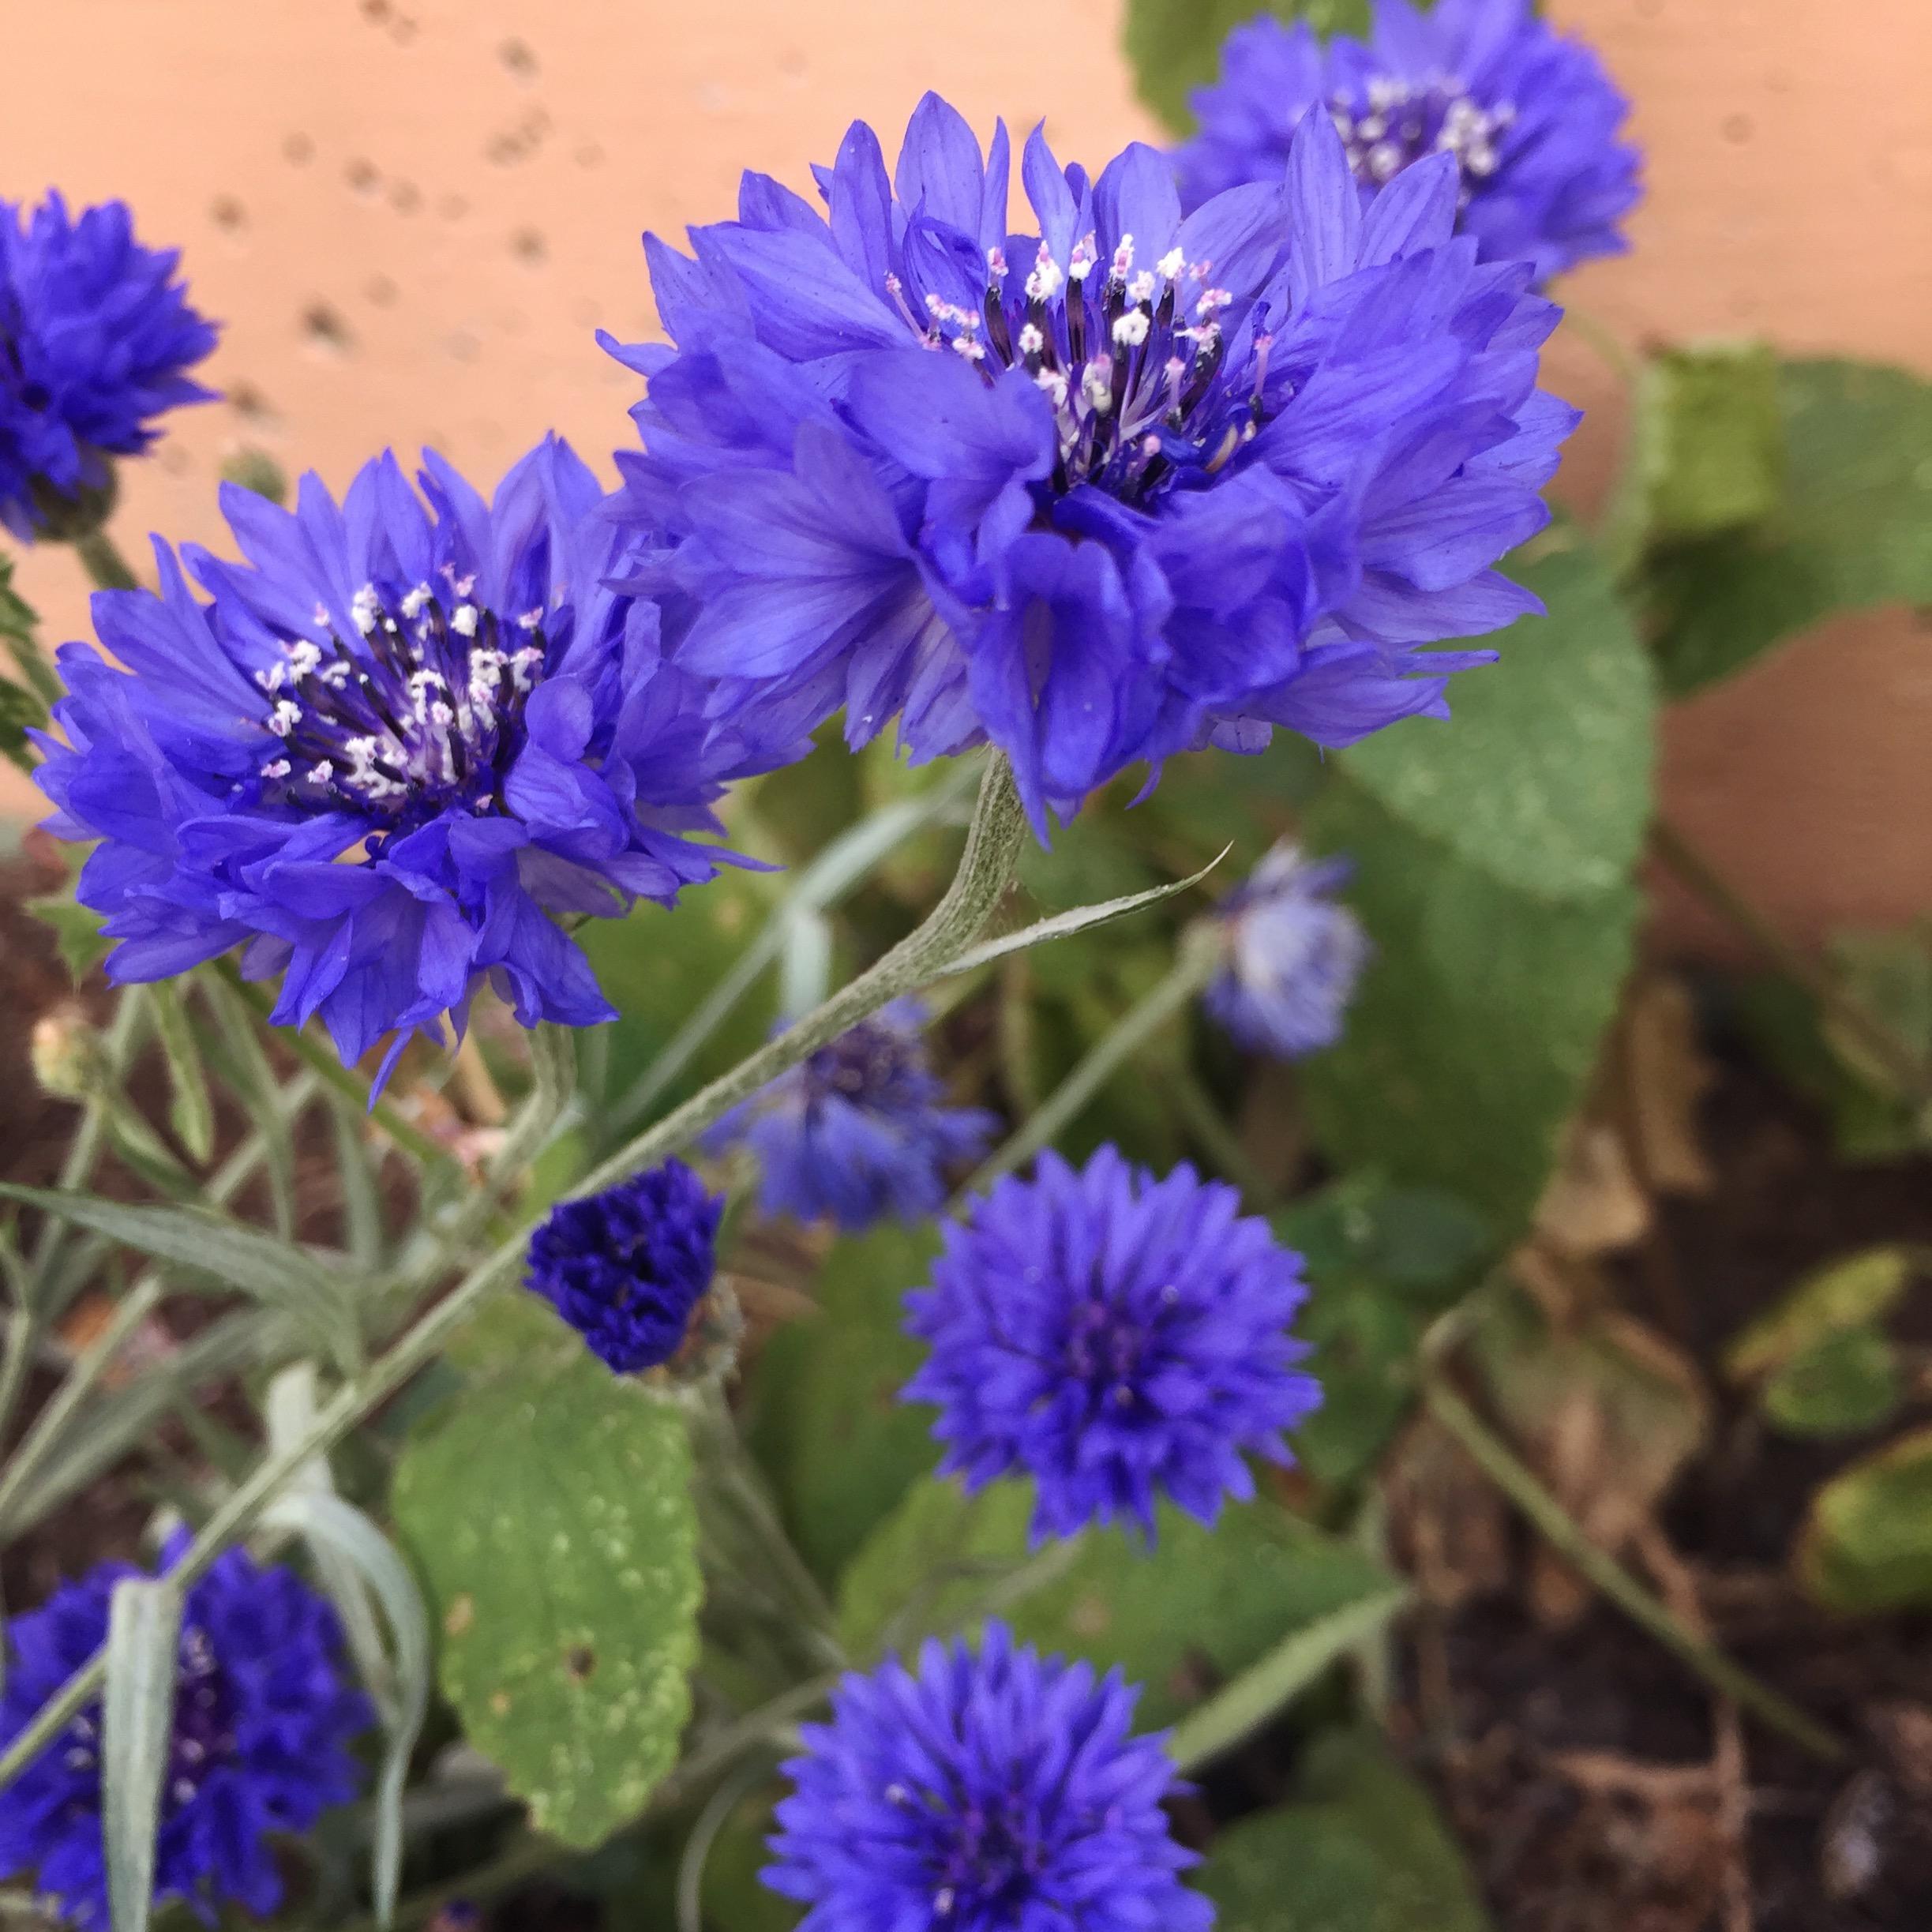 Blue Cornflower (Centaurea)